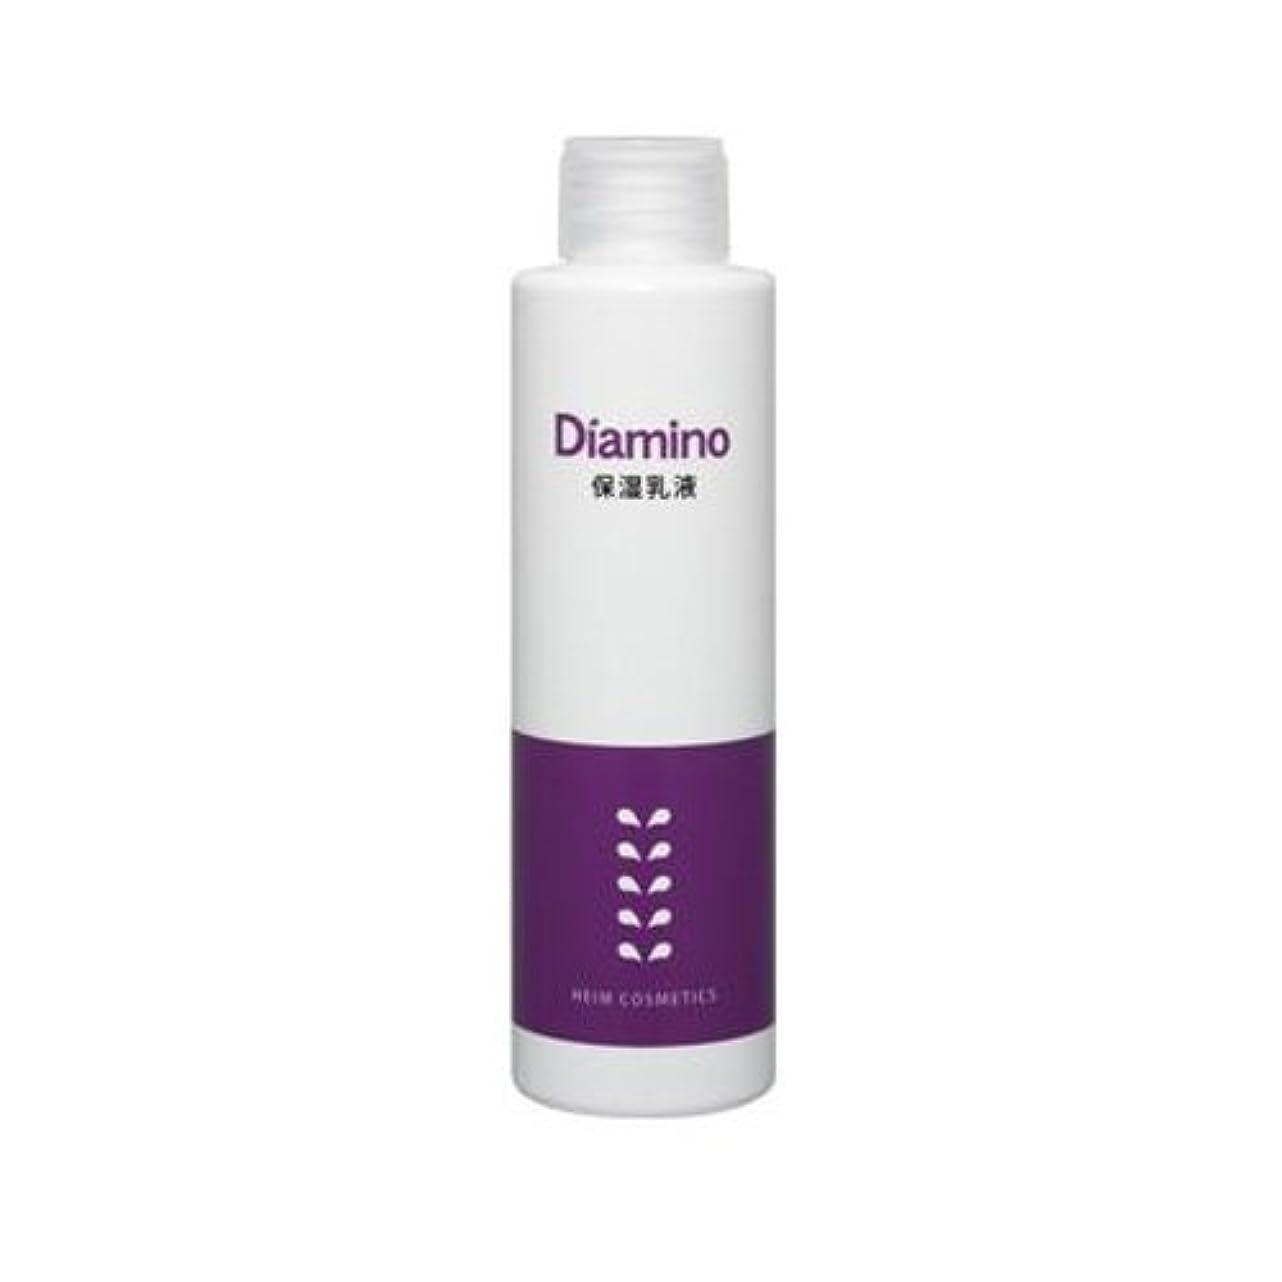 ピア不幸フリッパーハイム ディアミノ 保湿乳液 150ml